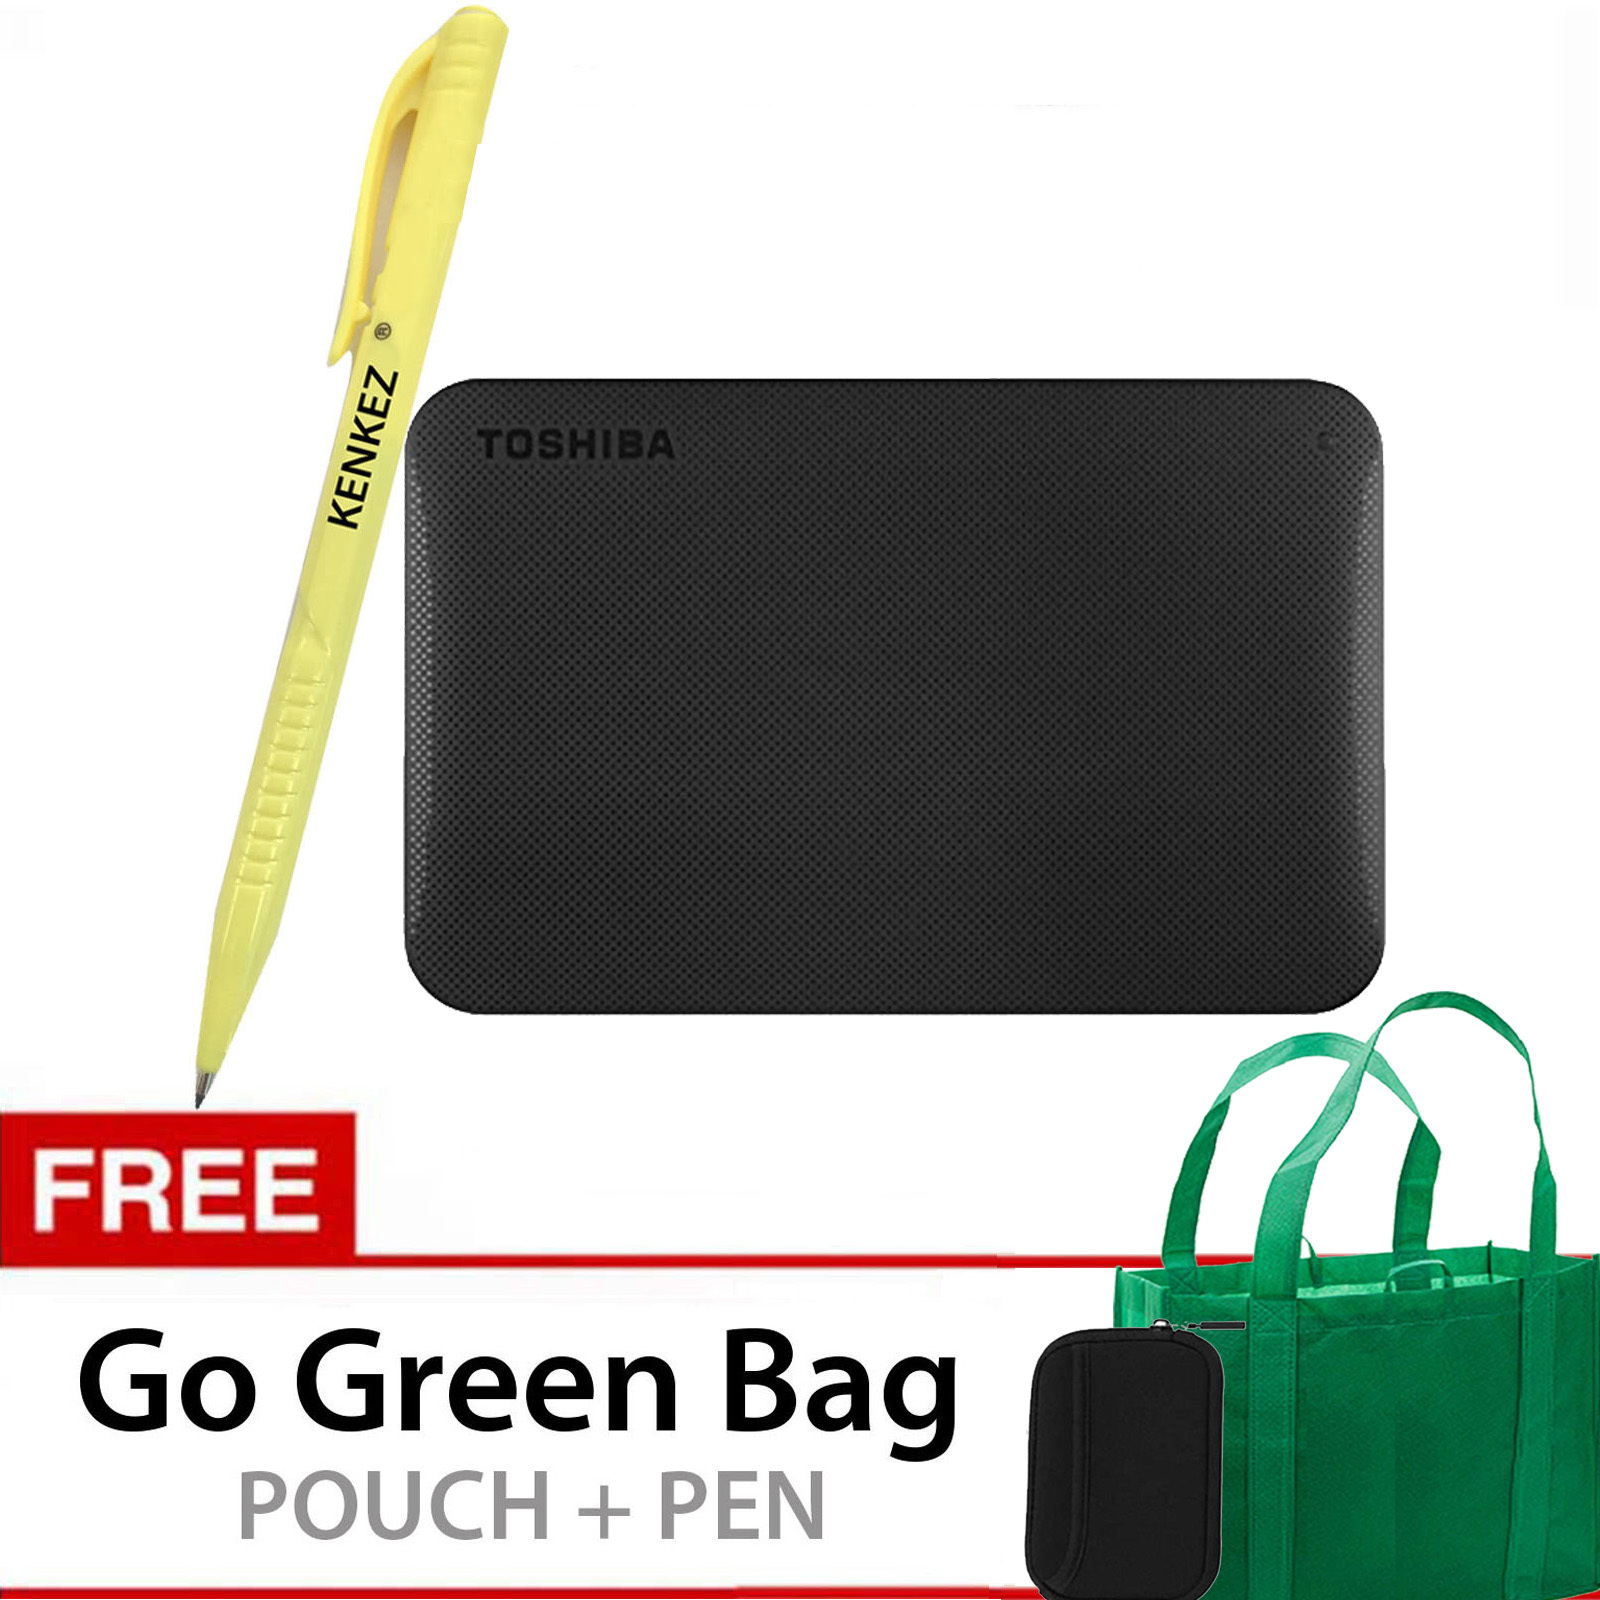 Promo Toshiba Canvio Ready 1Tb Gratis Go Green Bag Pouch Pen Akhir Tahun